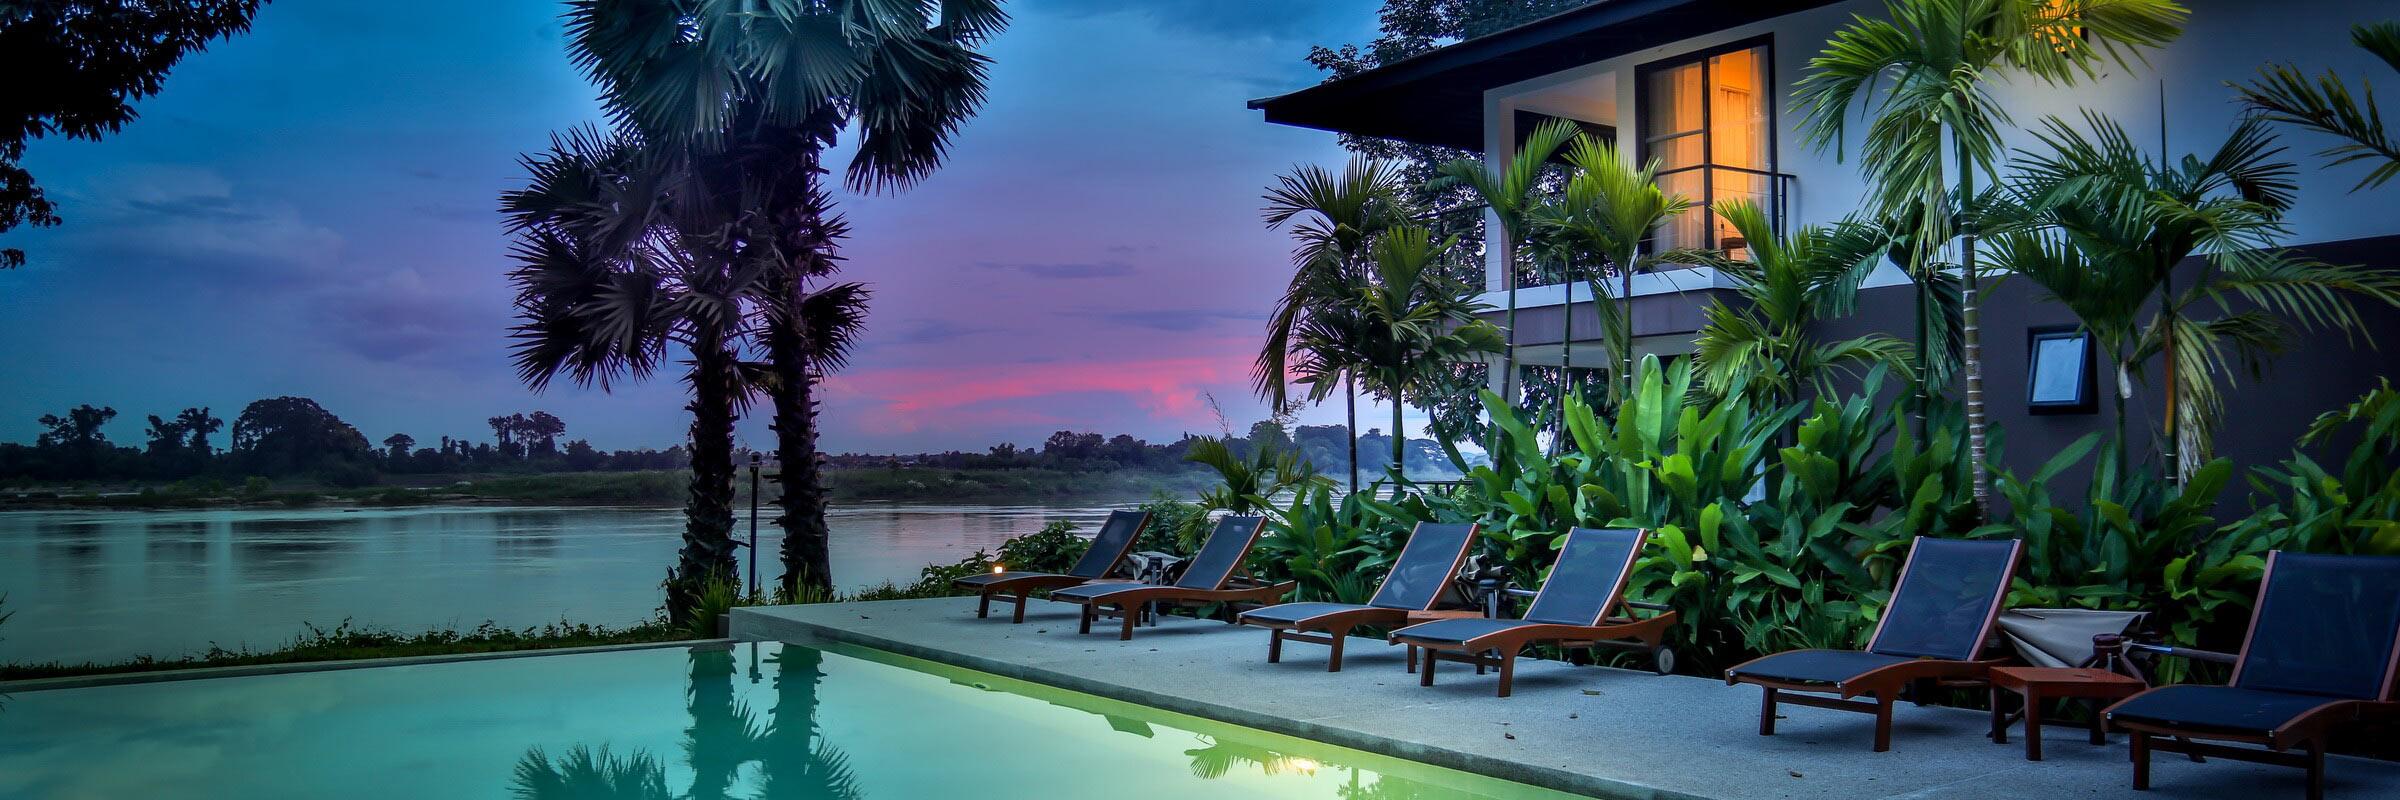 Infinity-Pool mit Sonnenterasse bei Sonnenuntergang im Herzen des River Resort Champasak